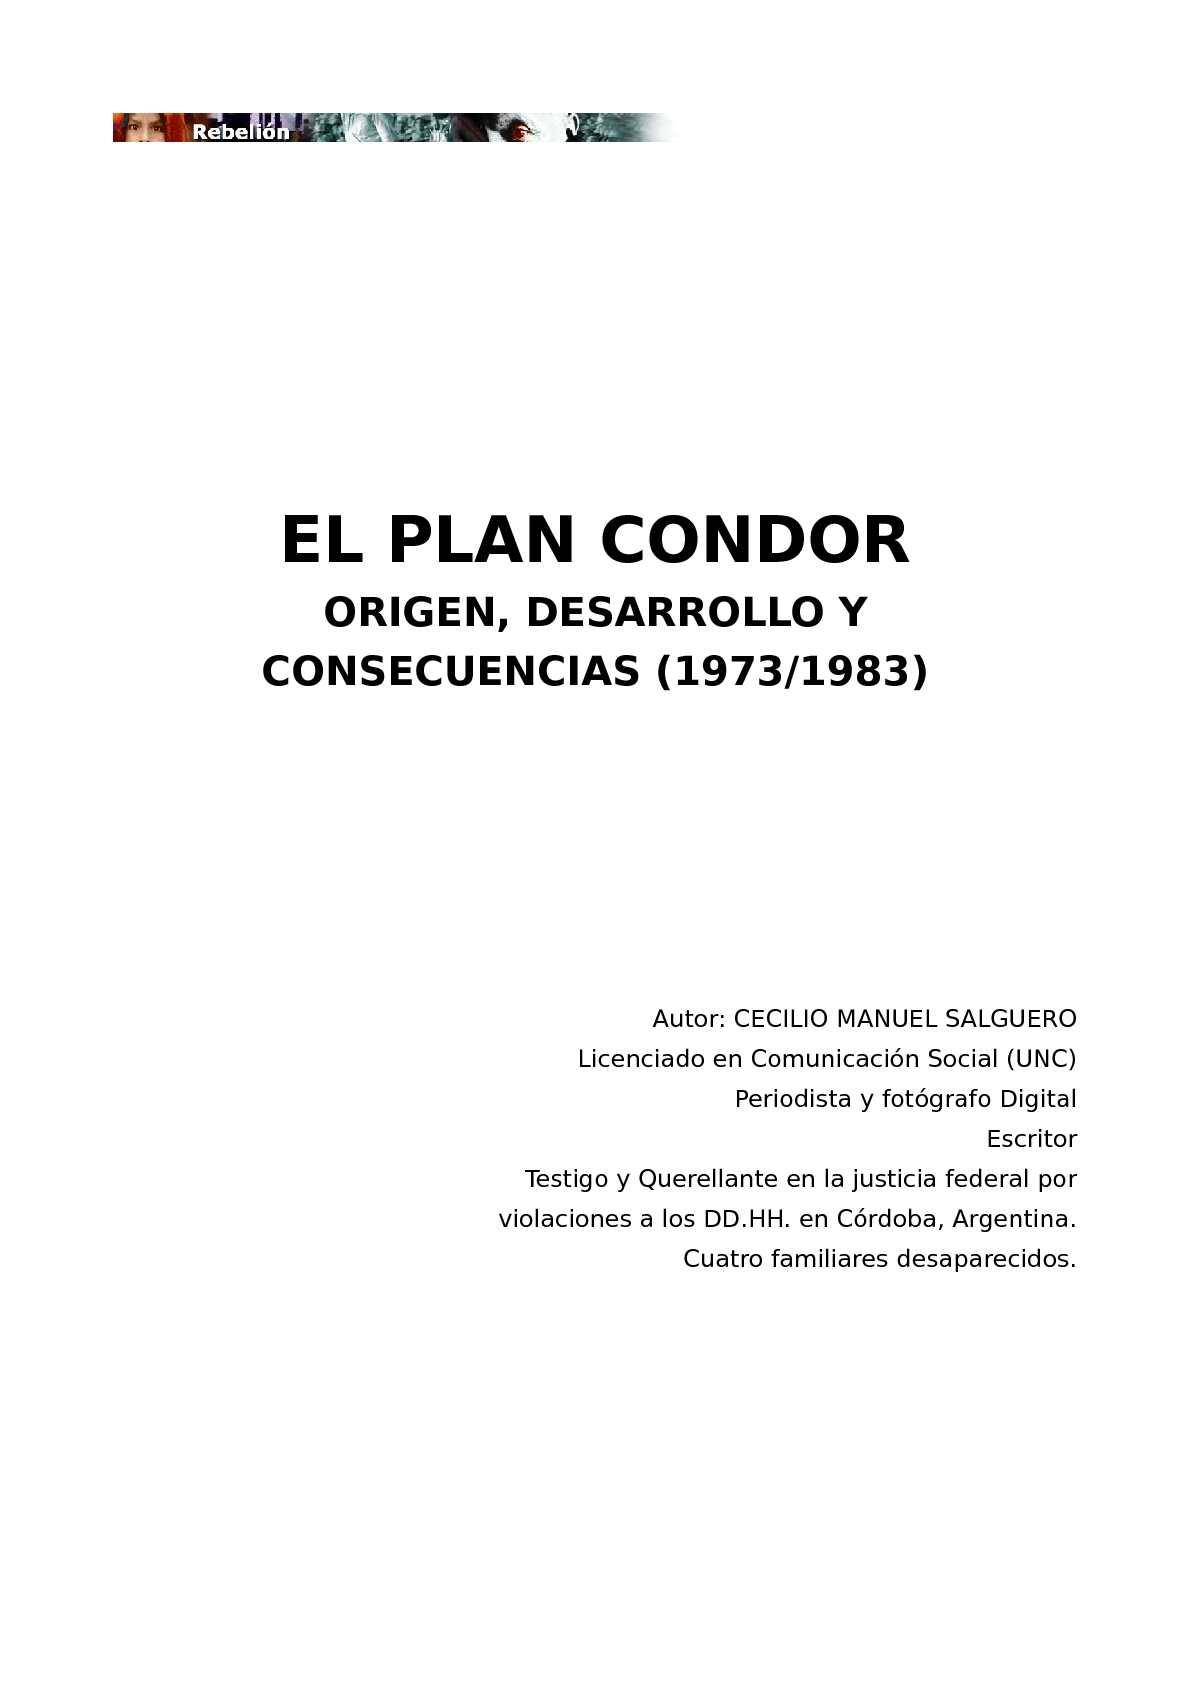 Calaméo - Salguero, Cecilio M. - El Plan Cóndor, origen, desarrollo ...